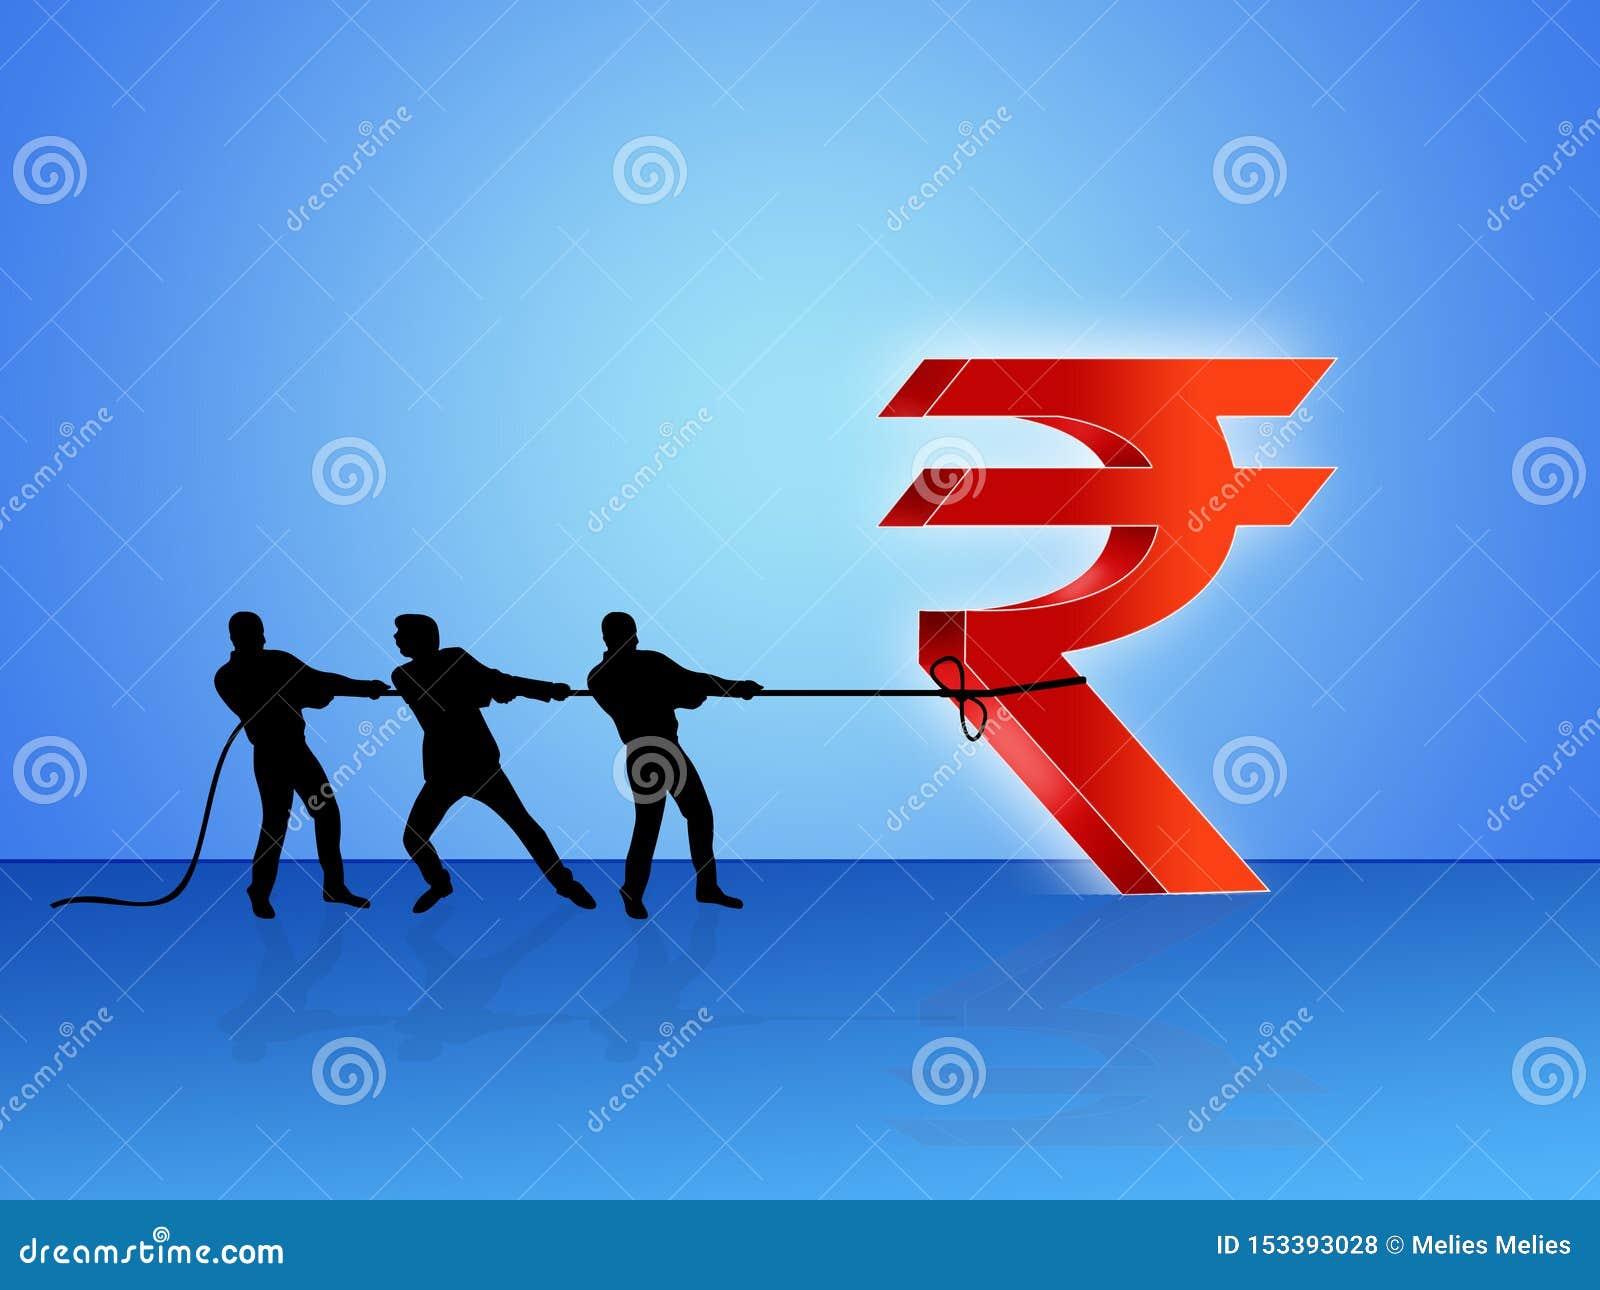 Wlec Indiańskiej rupii symbol, India rozwój, Indiańska gospodarka biznesowa, Pieniężny, zysk robi, ilustracja